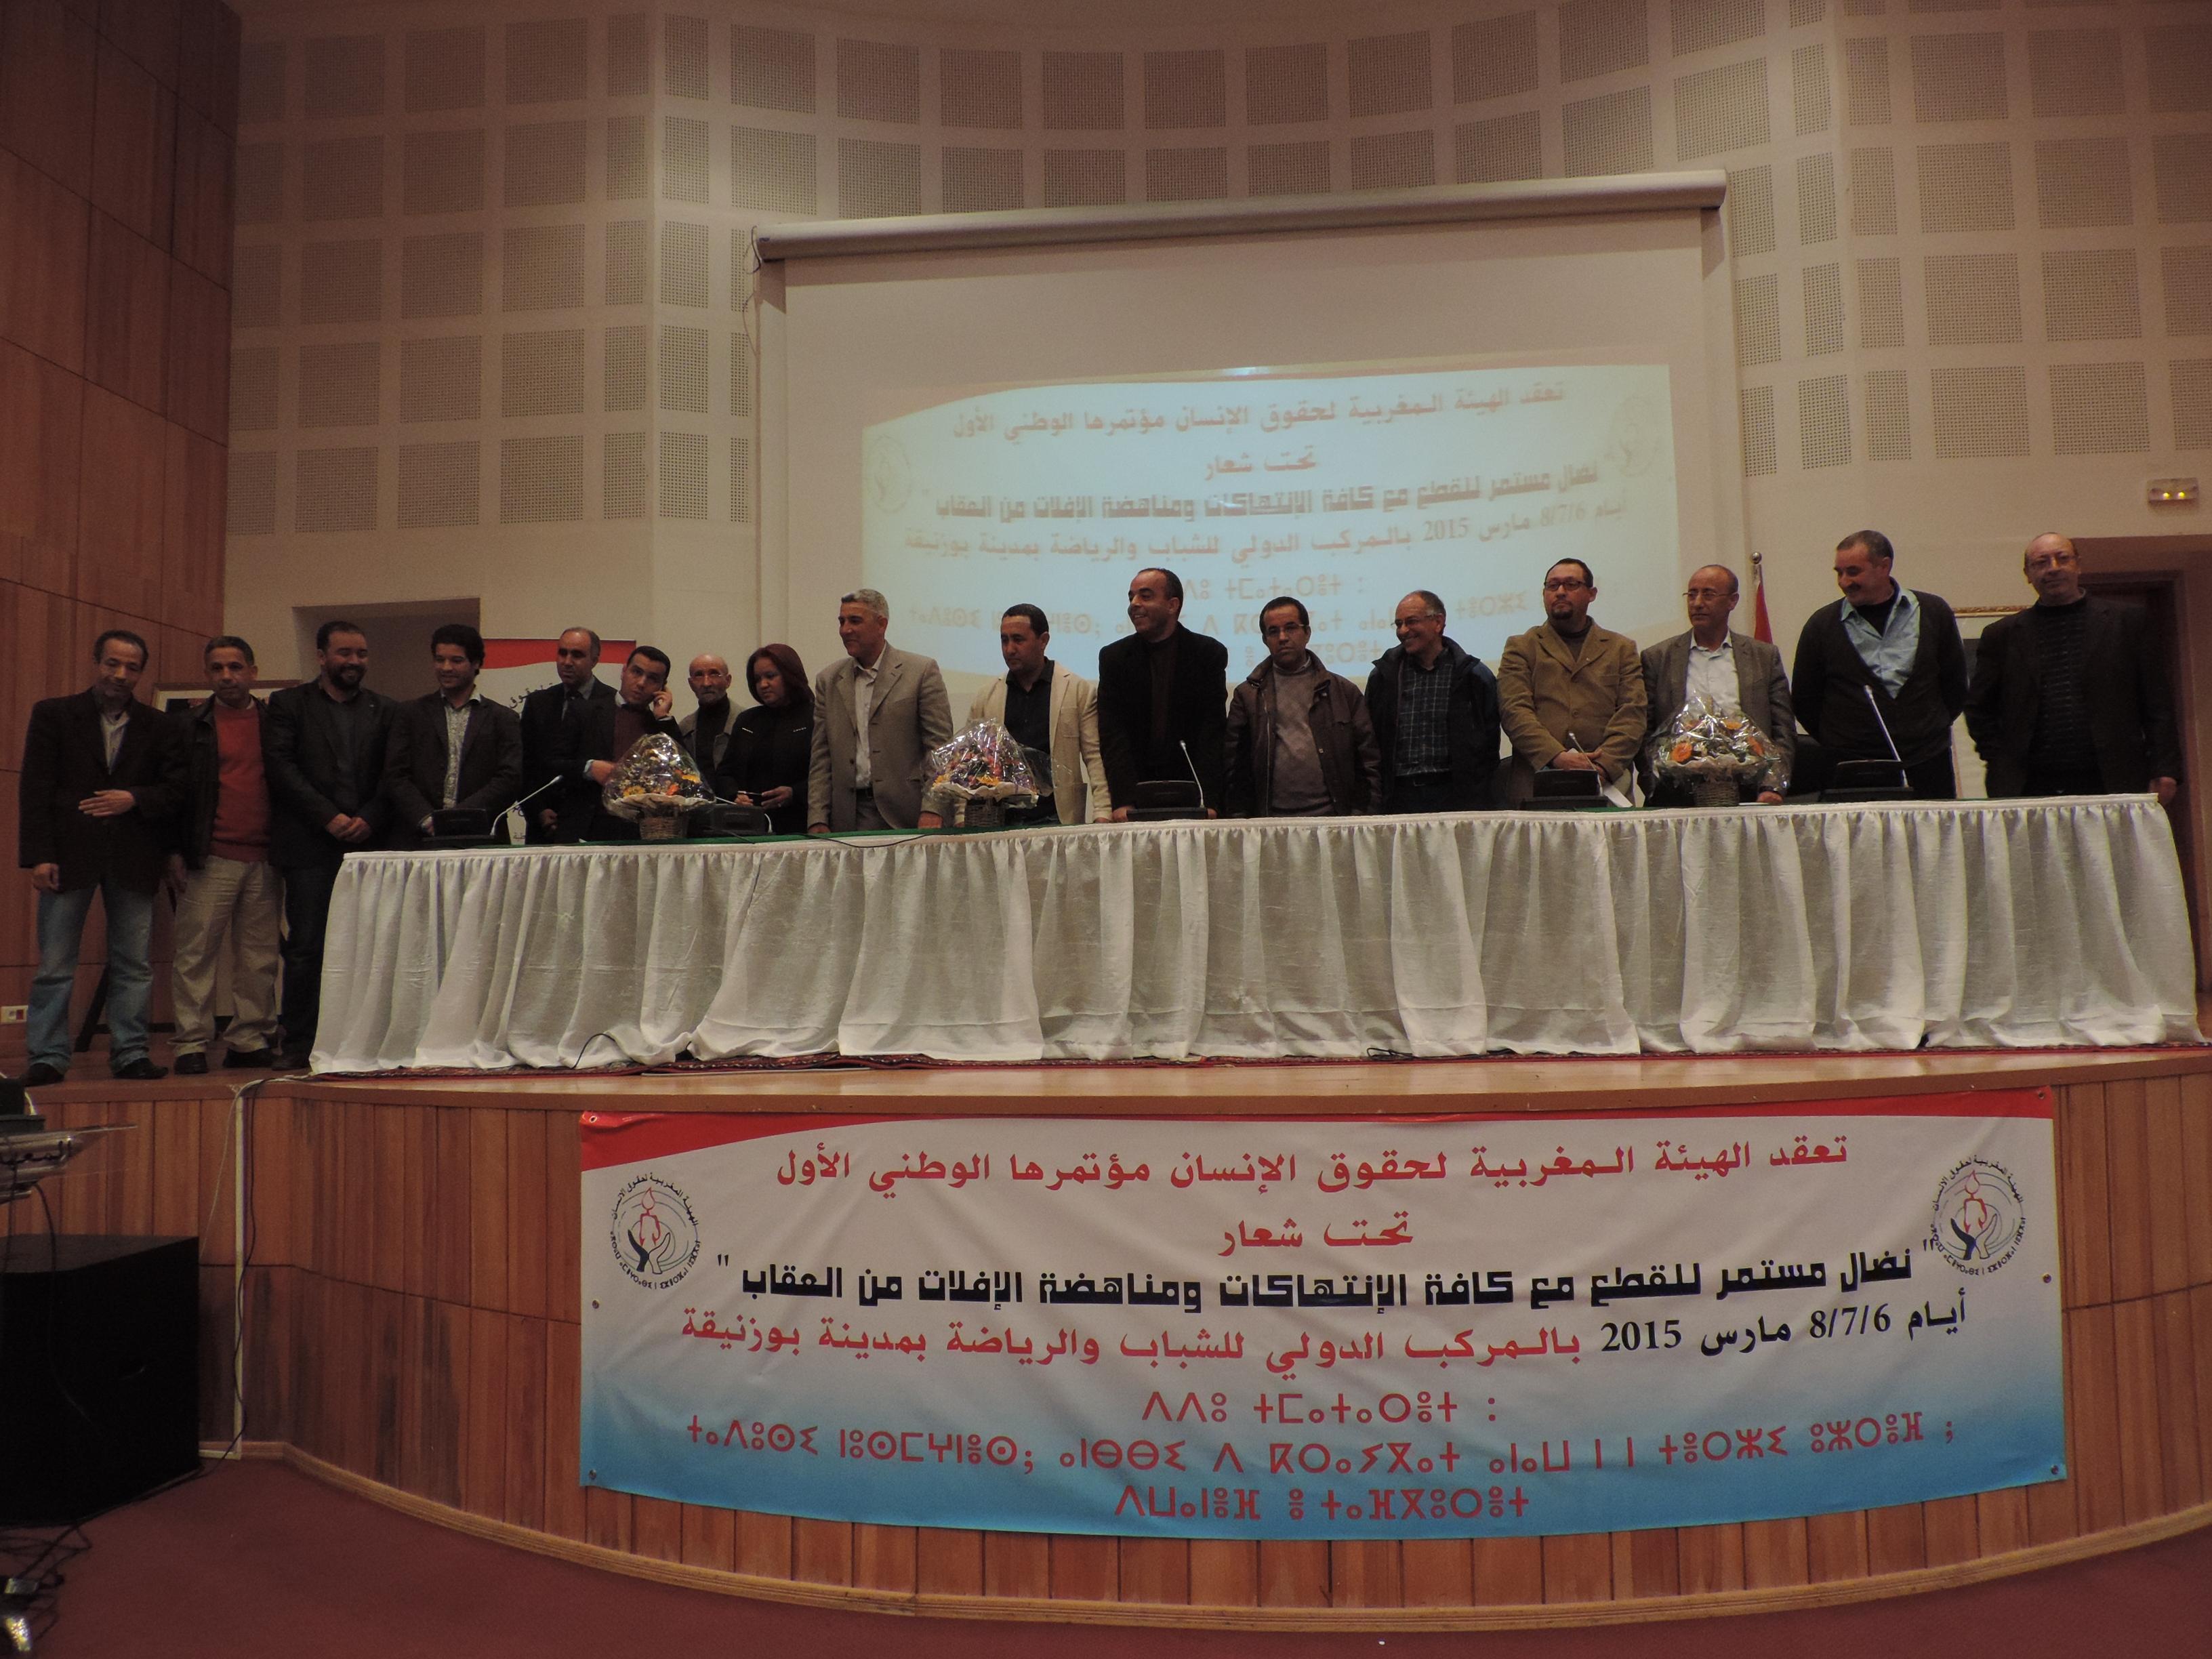 البيان العام الختامي الصادر عن المؤتمر الوطني الأول للهيئة المغربية لحقوق الإنسان المنعقد أيام 6/7/8 مارس2015 بمدينة بوزنيقة